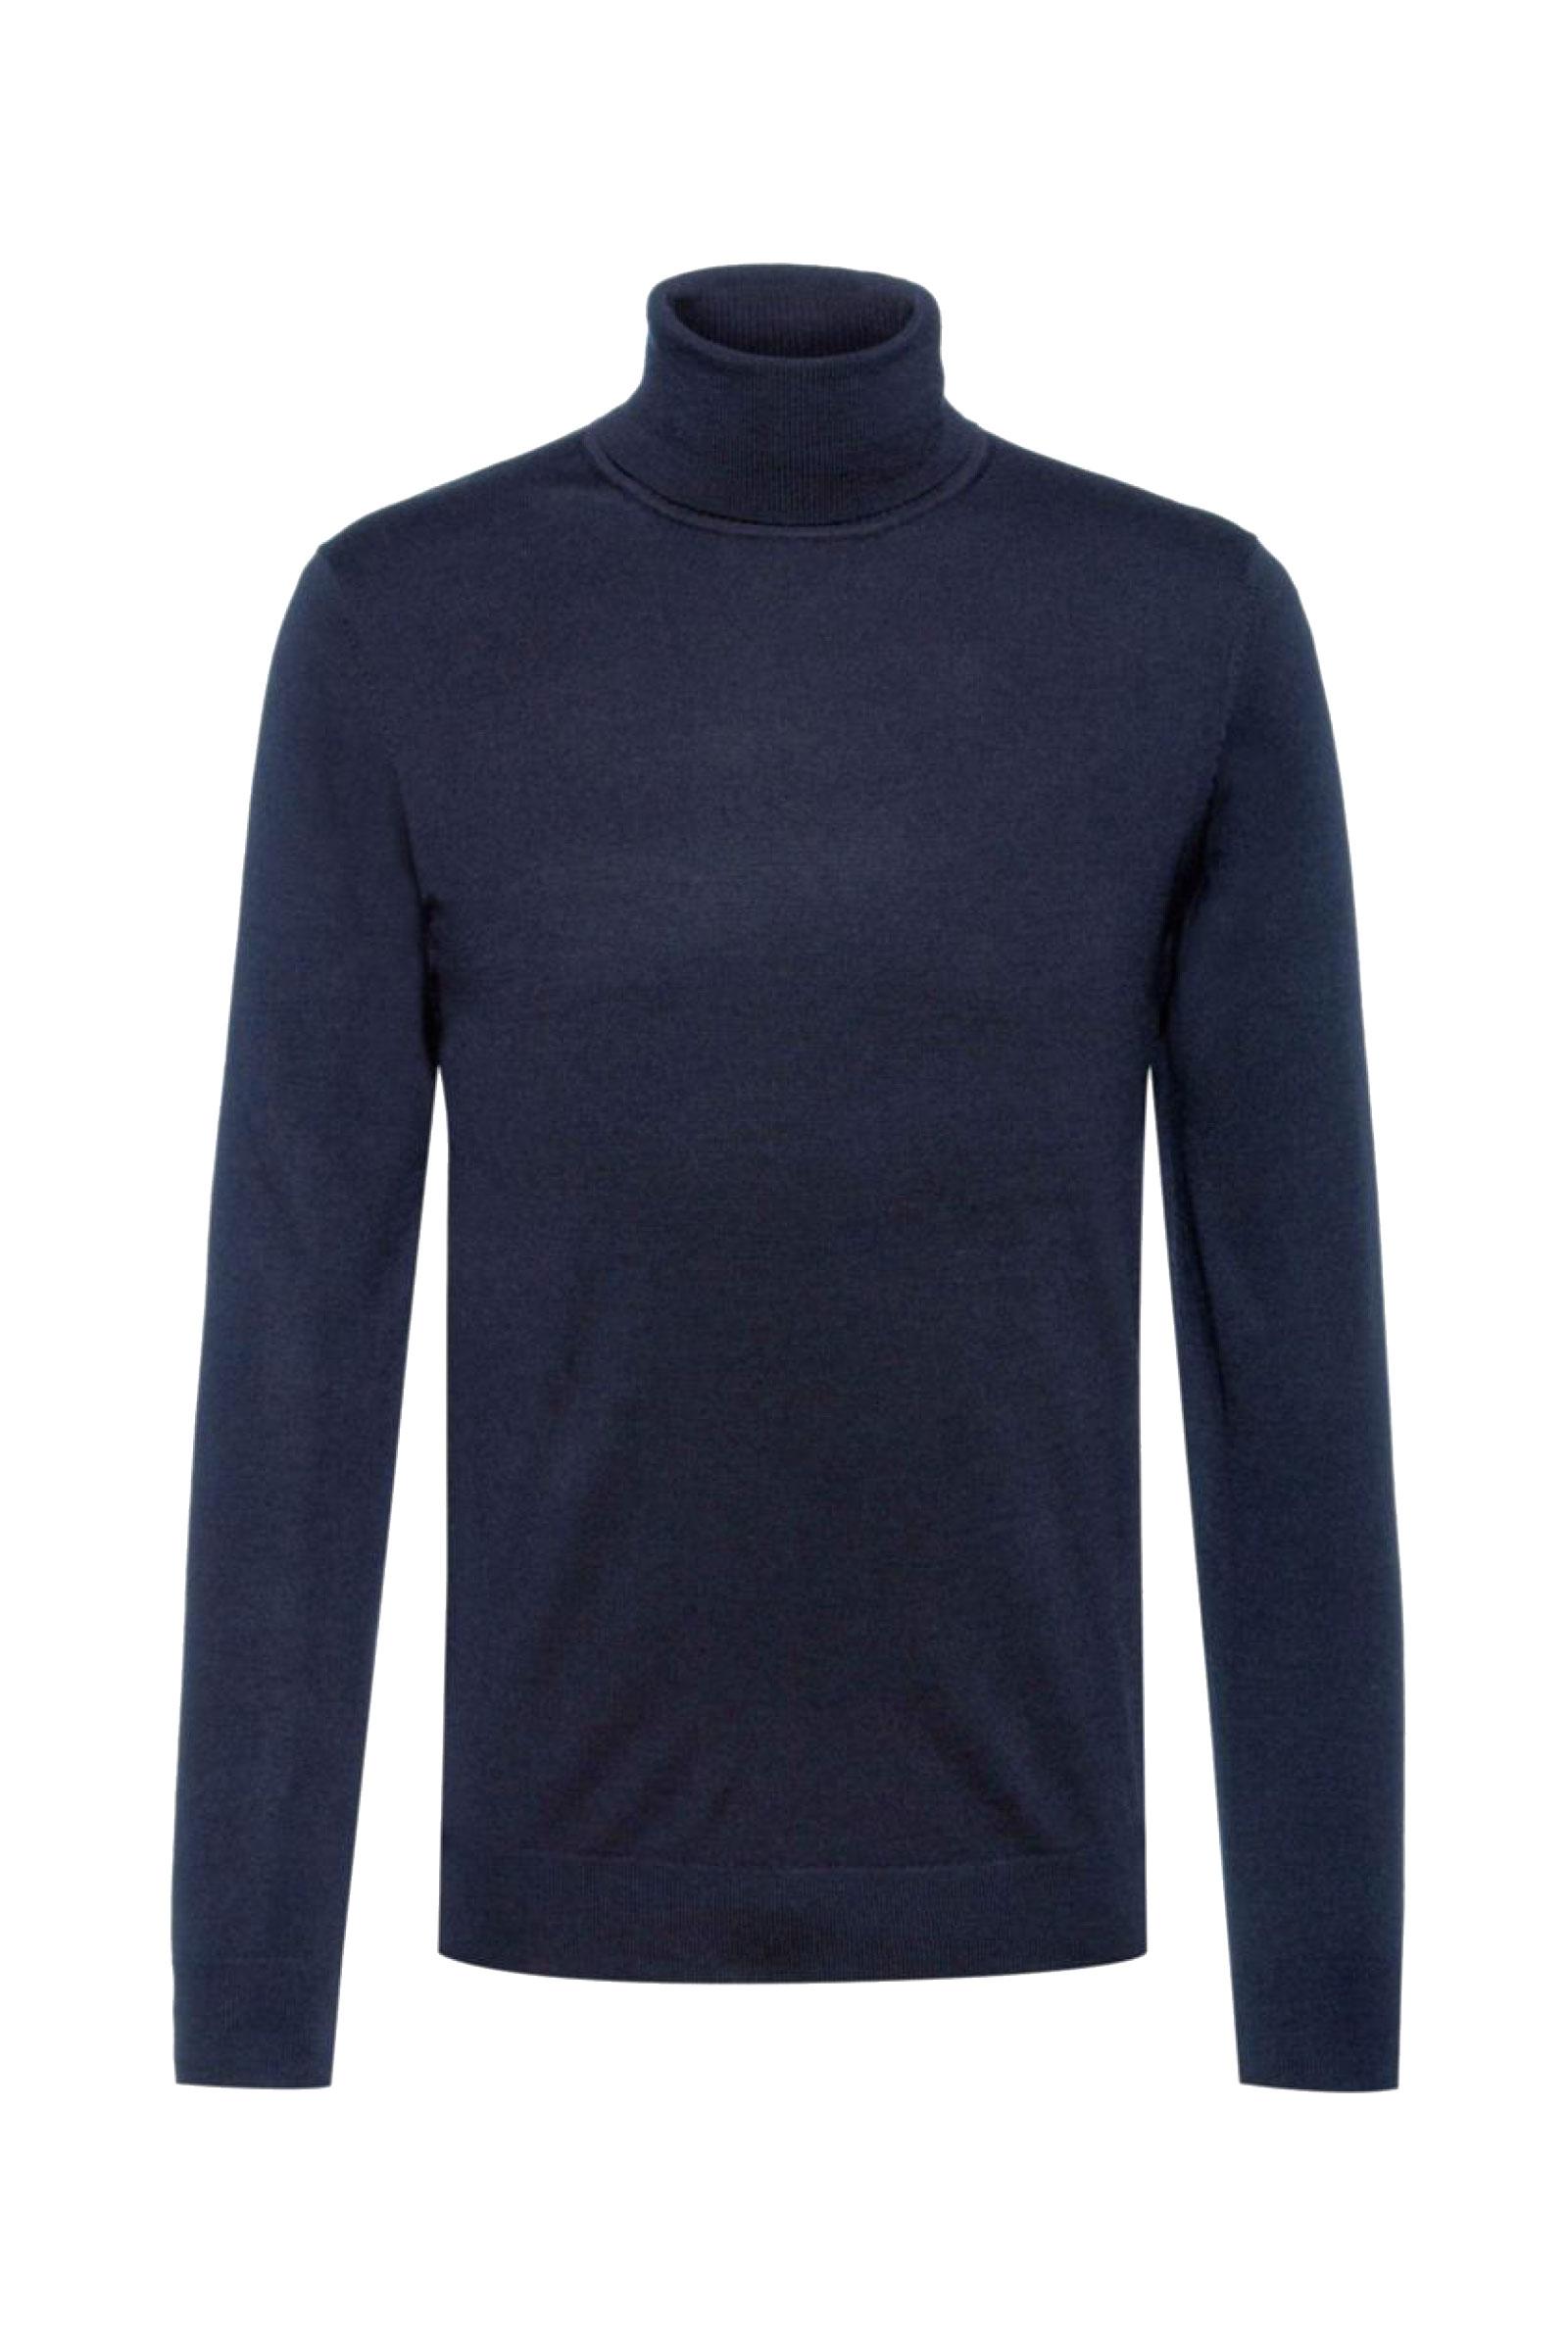 HUGO BOSS Men's Sweater HUGO BOSS | Mesh | 50436278410